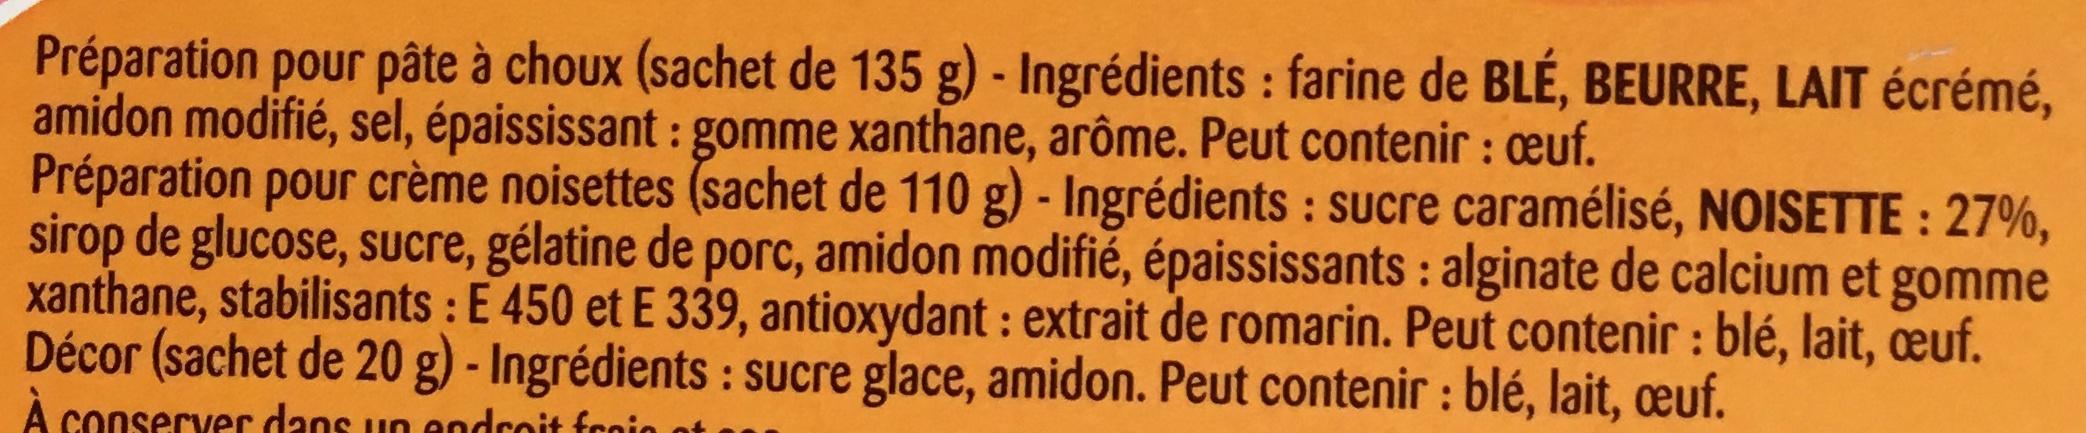 """Préparation façon Paris-Brest """"Saveur d'Antan"""" Crème Nosiettes - Ingredients"""